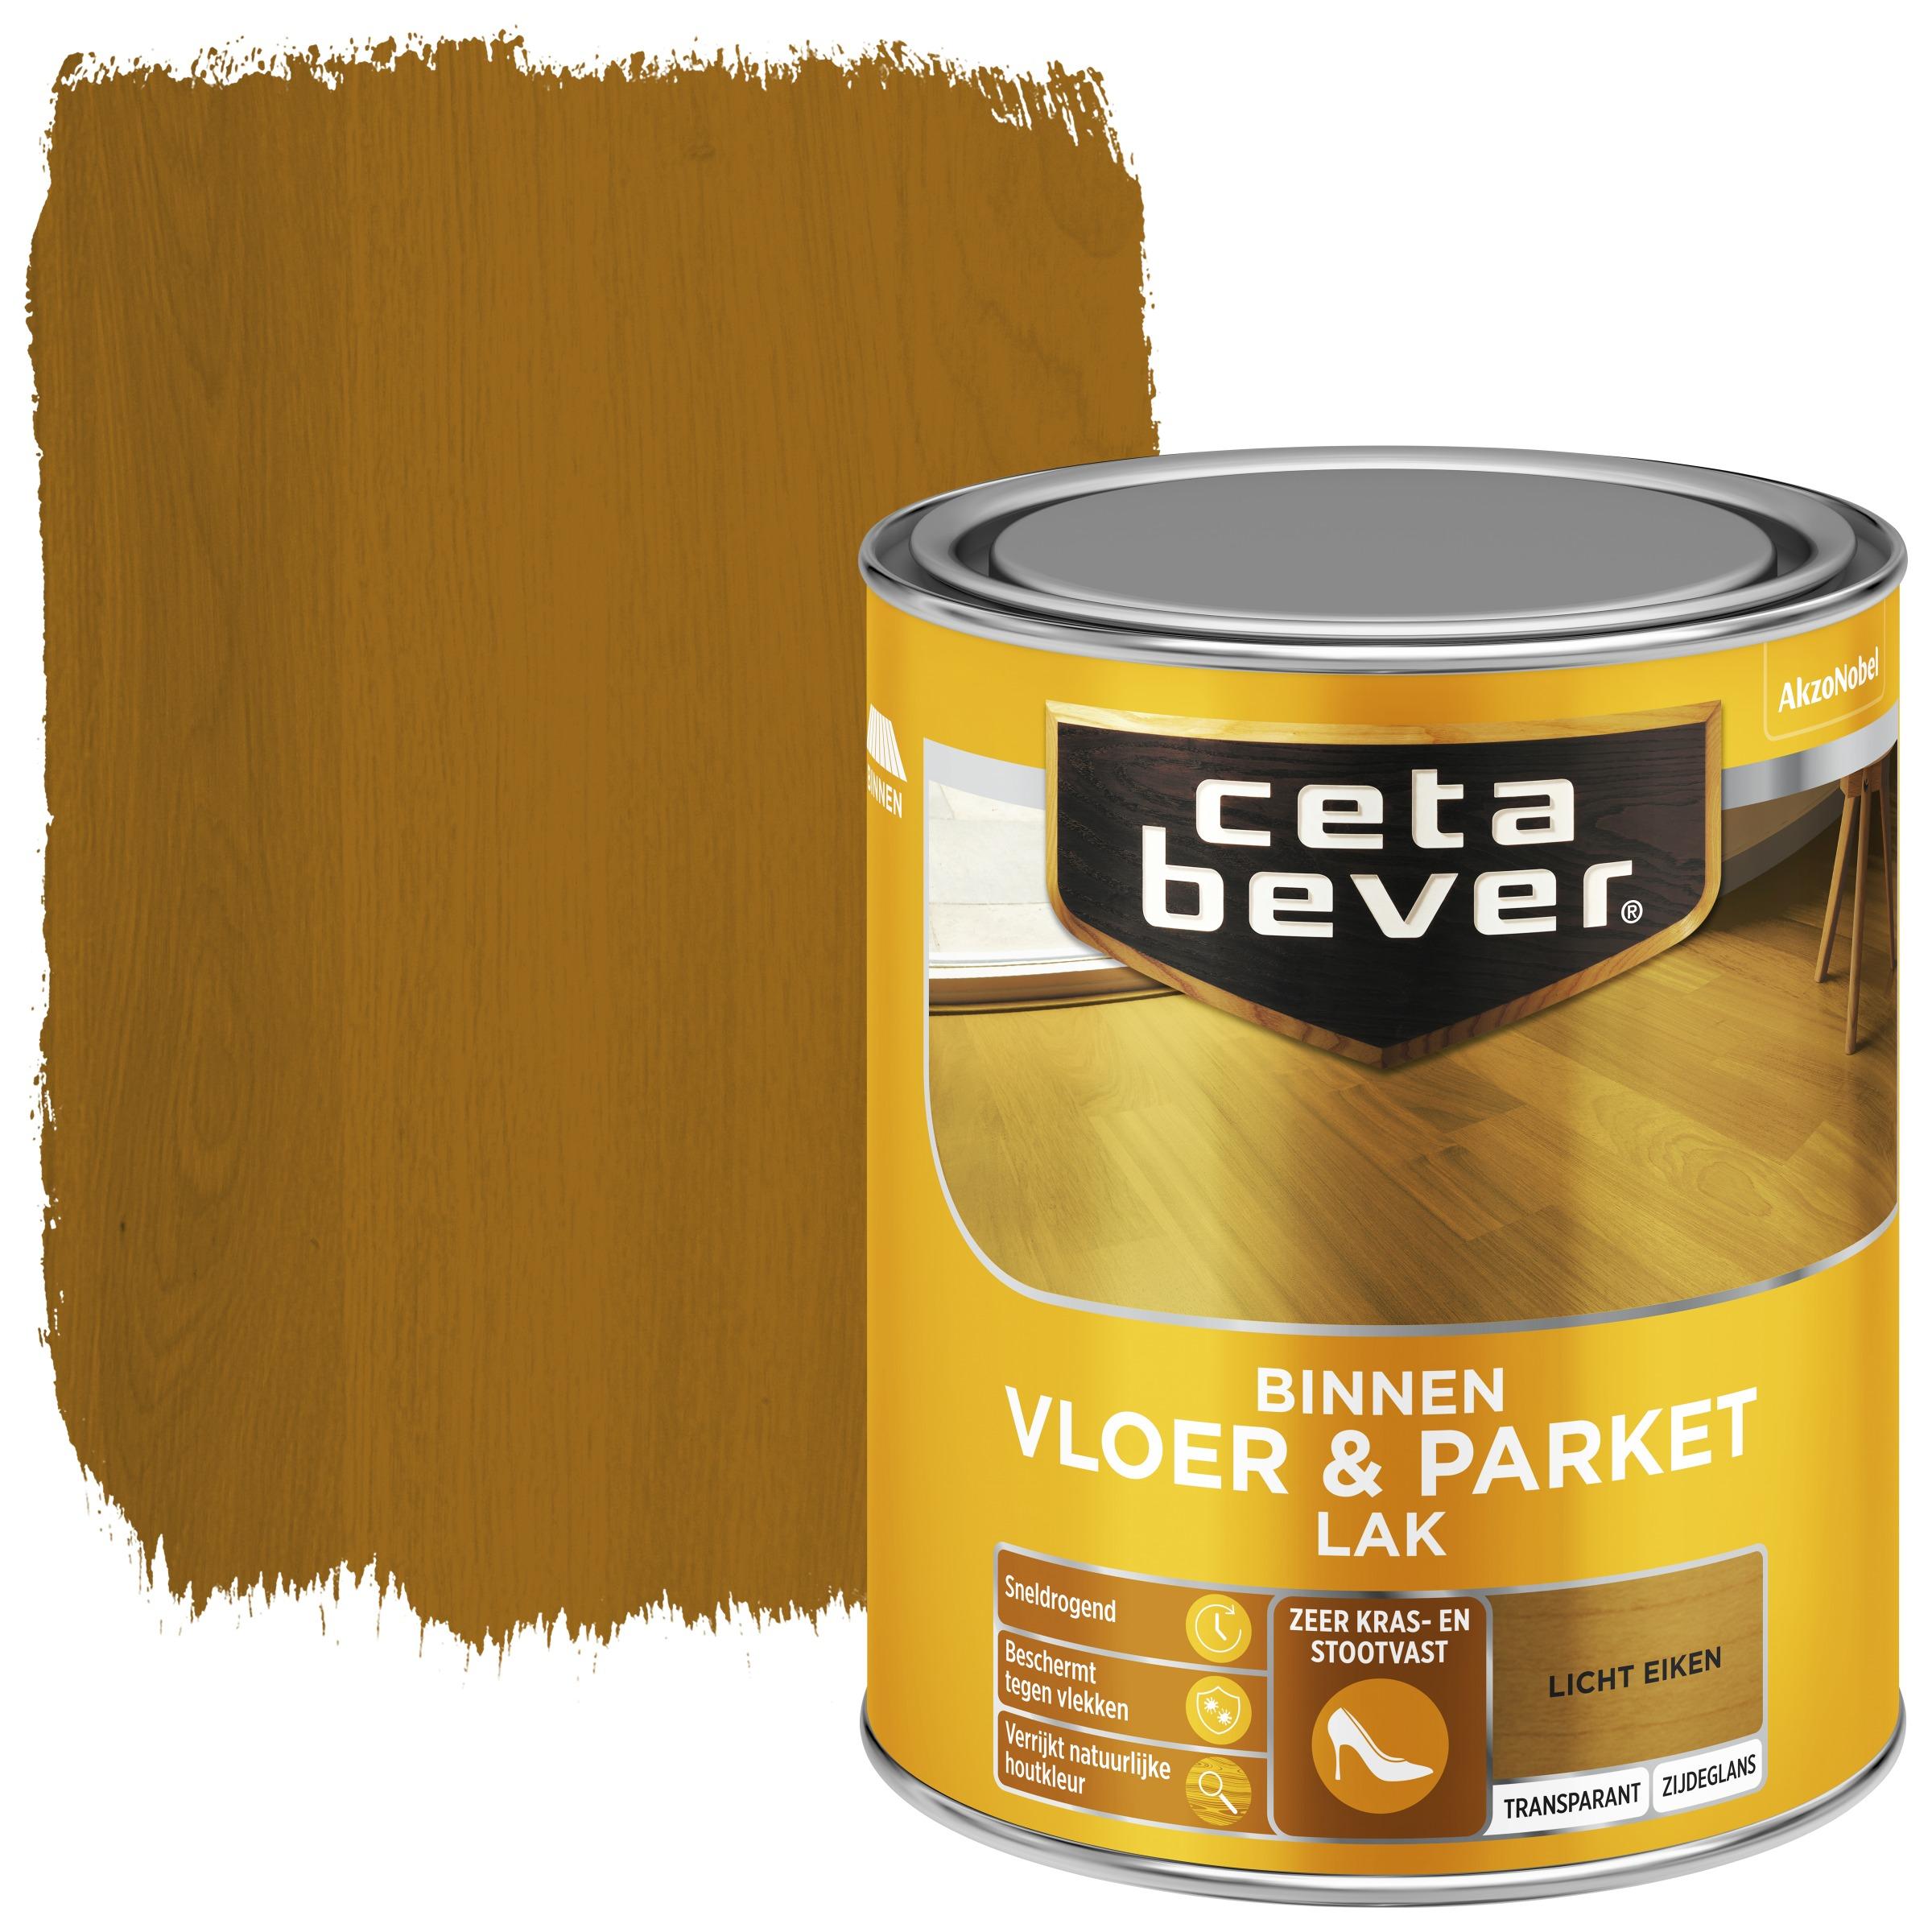 CetaBever vloer & parketlak ac 0106 licht eiken transparant 750ml